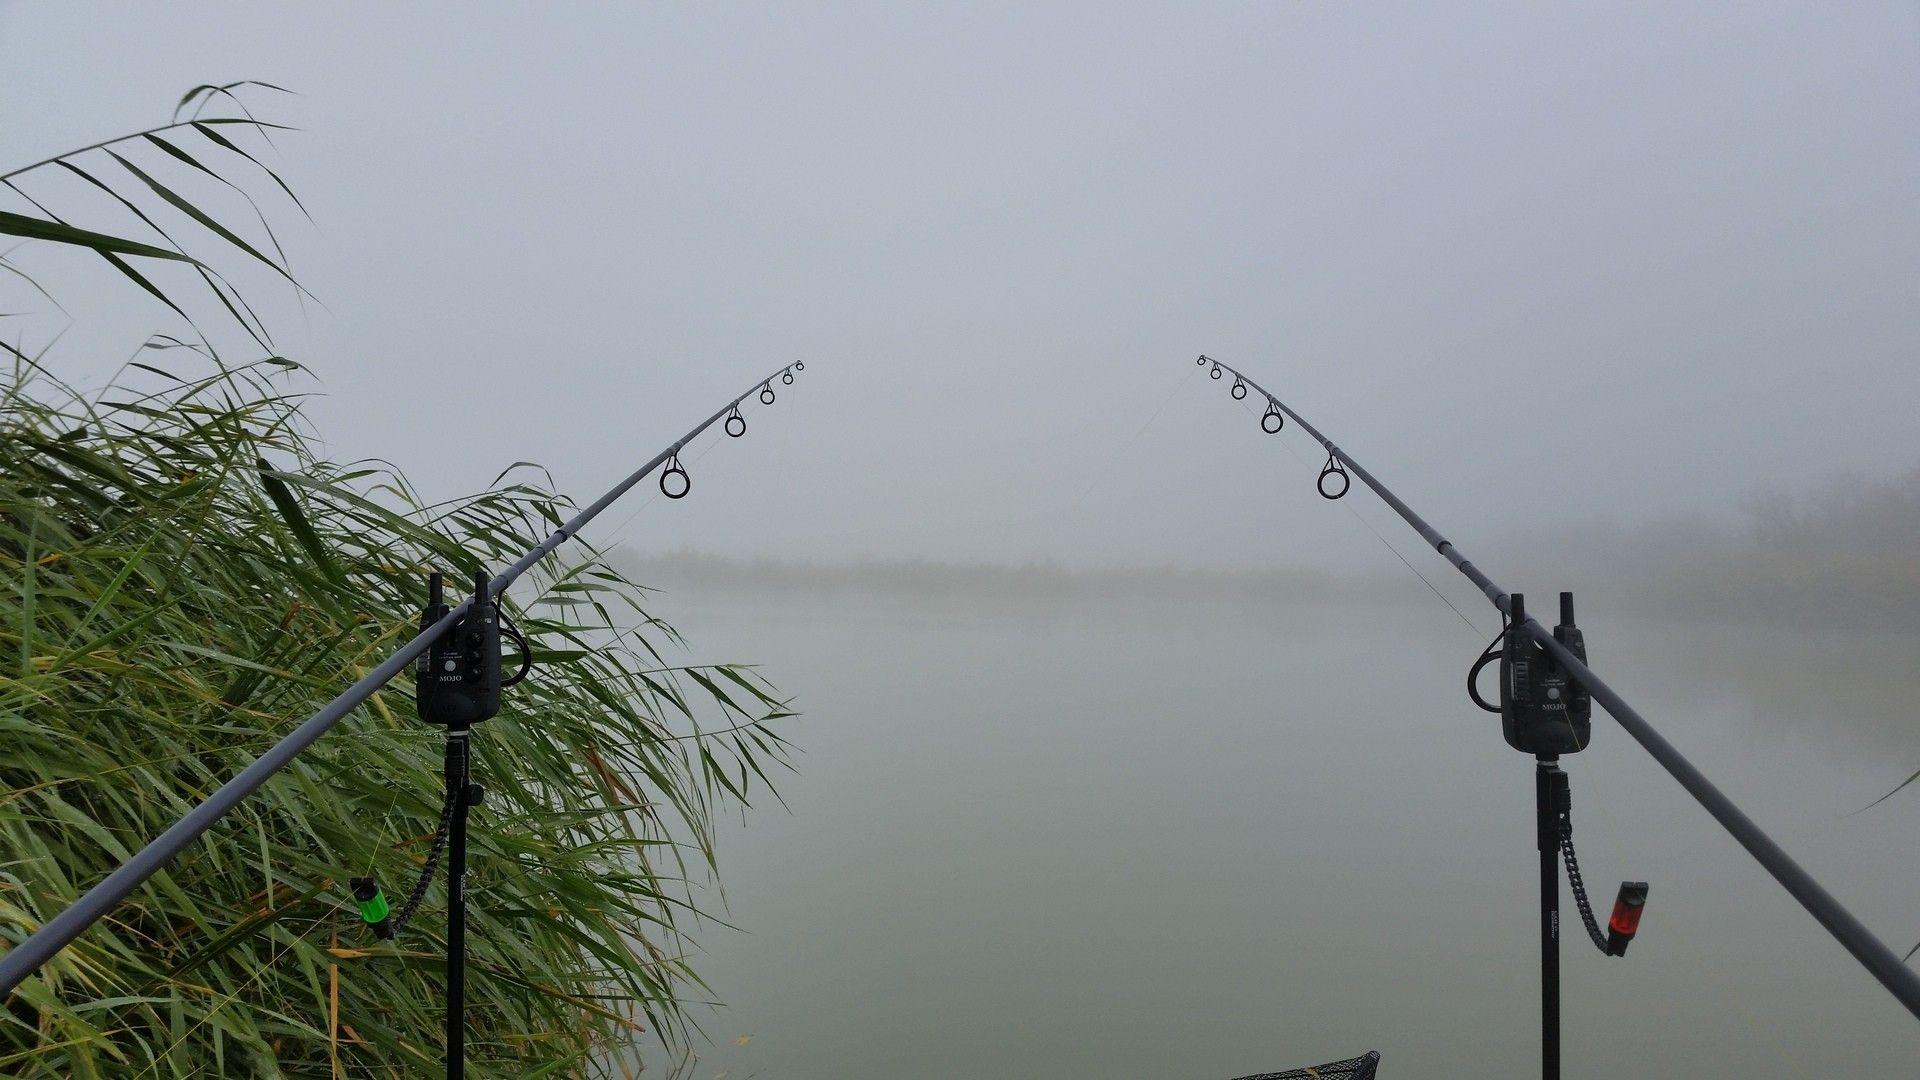 Már közel dél volt, mire megláttam a túlpartot a sűrű ködben